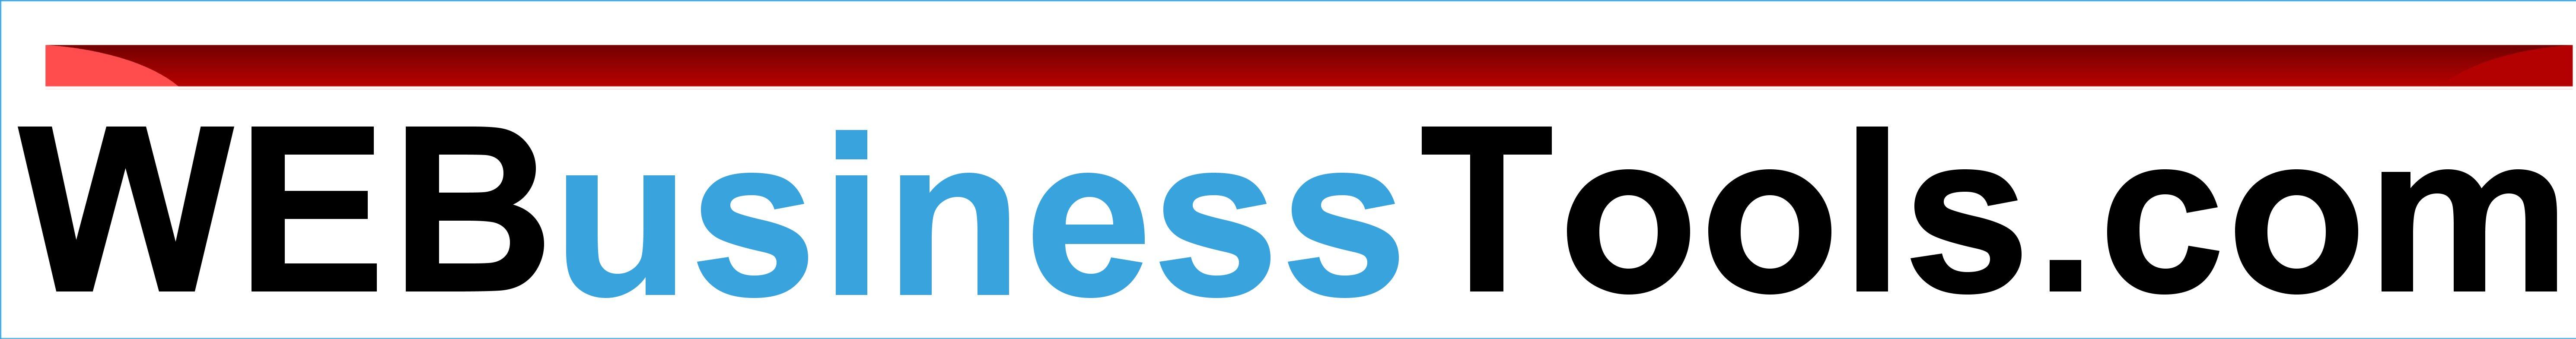 WEBusinessTOOLS.com